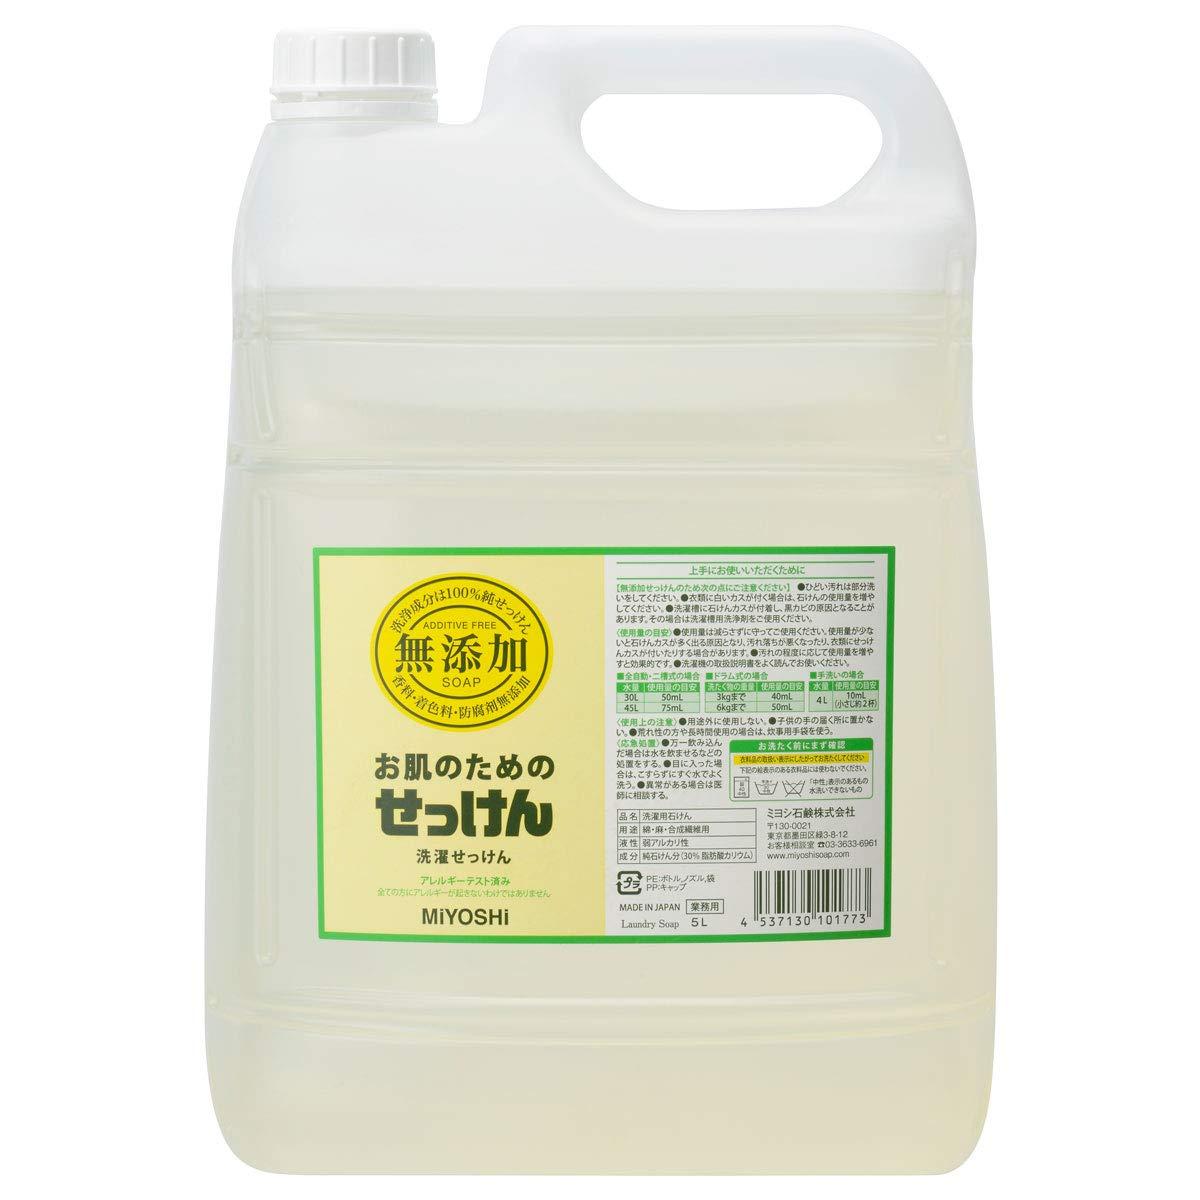 液体洗濯洗剤 ミヨシ石鹸 無添加 お肌のための洗濯用液体せっけん 5LX4本 B07J24D4B4